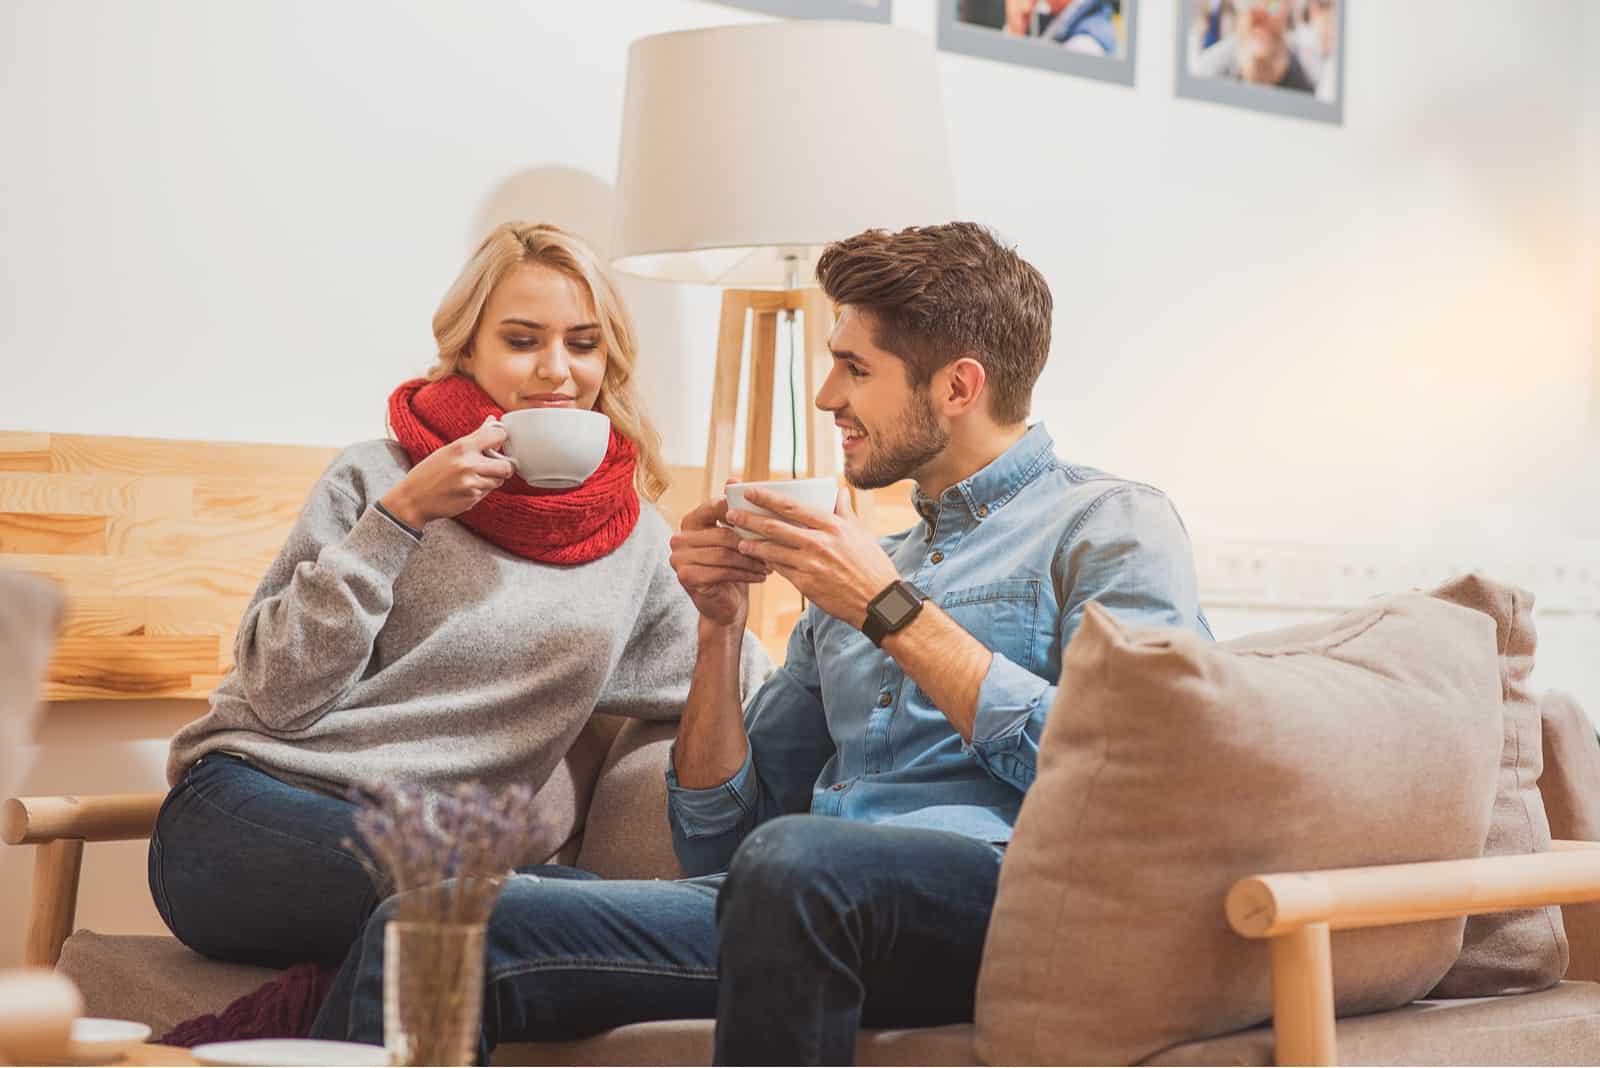 un homme et une femme sont assis dans un café en train de boire du café